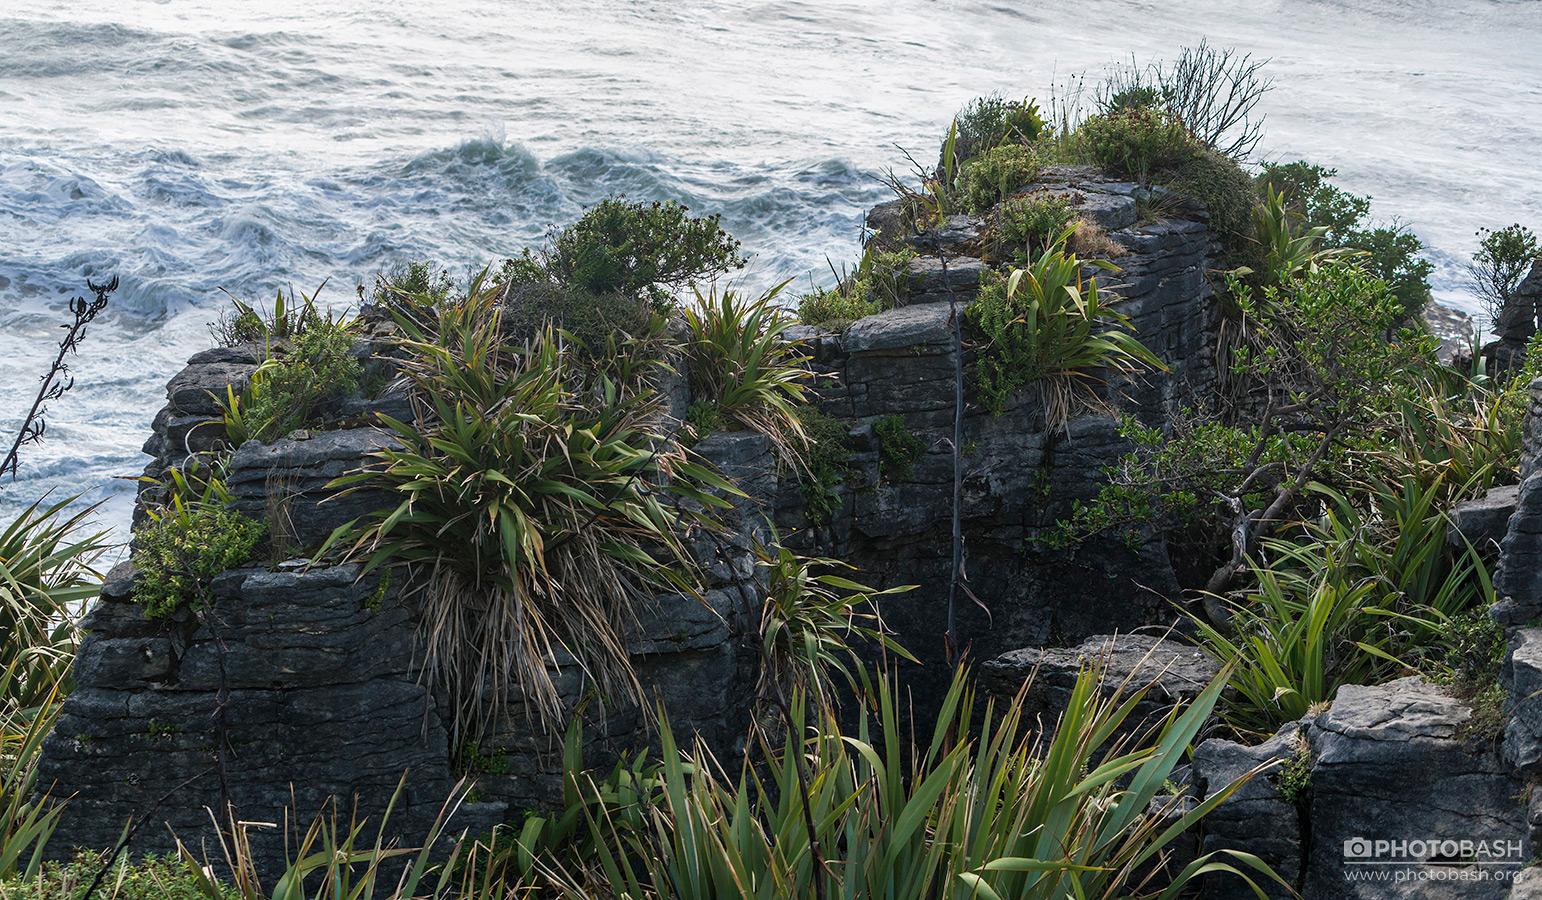 Eroded-Coastline-Cliff-Vegetation.jpg